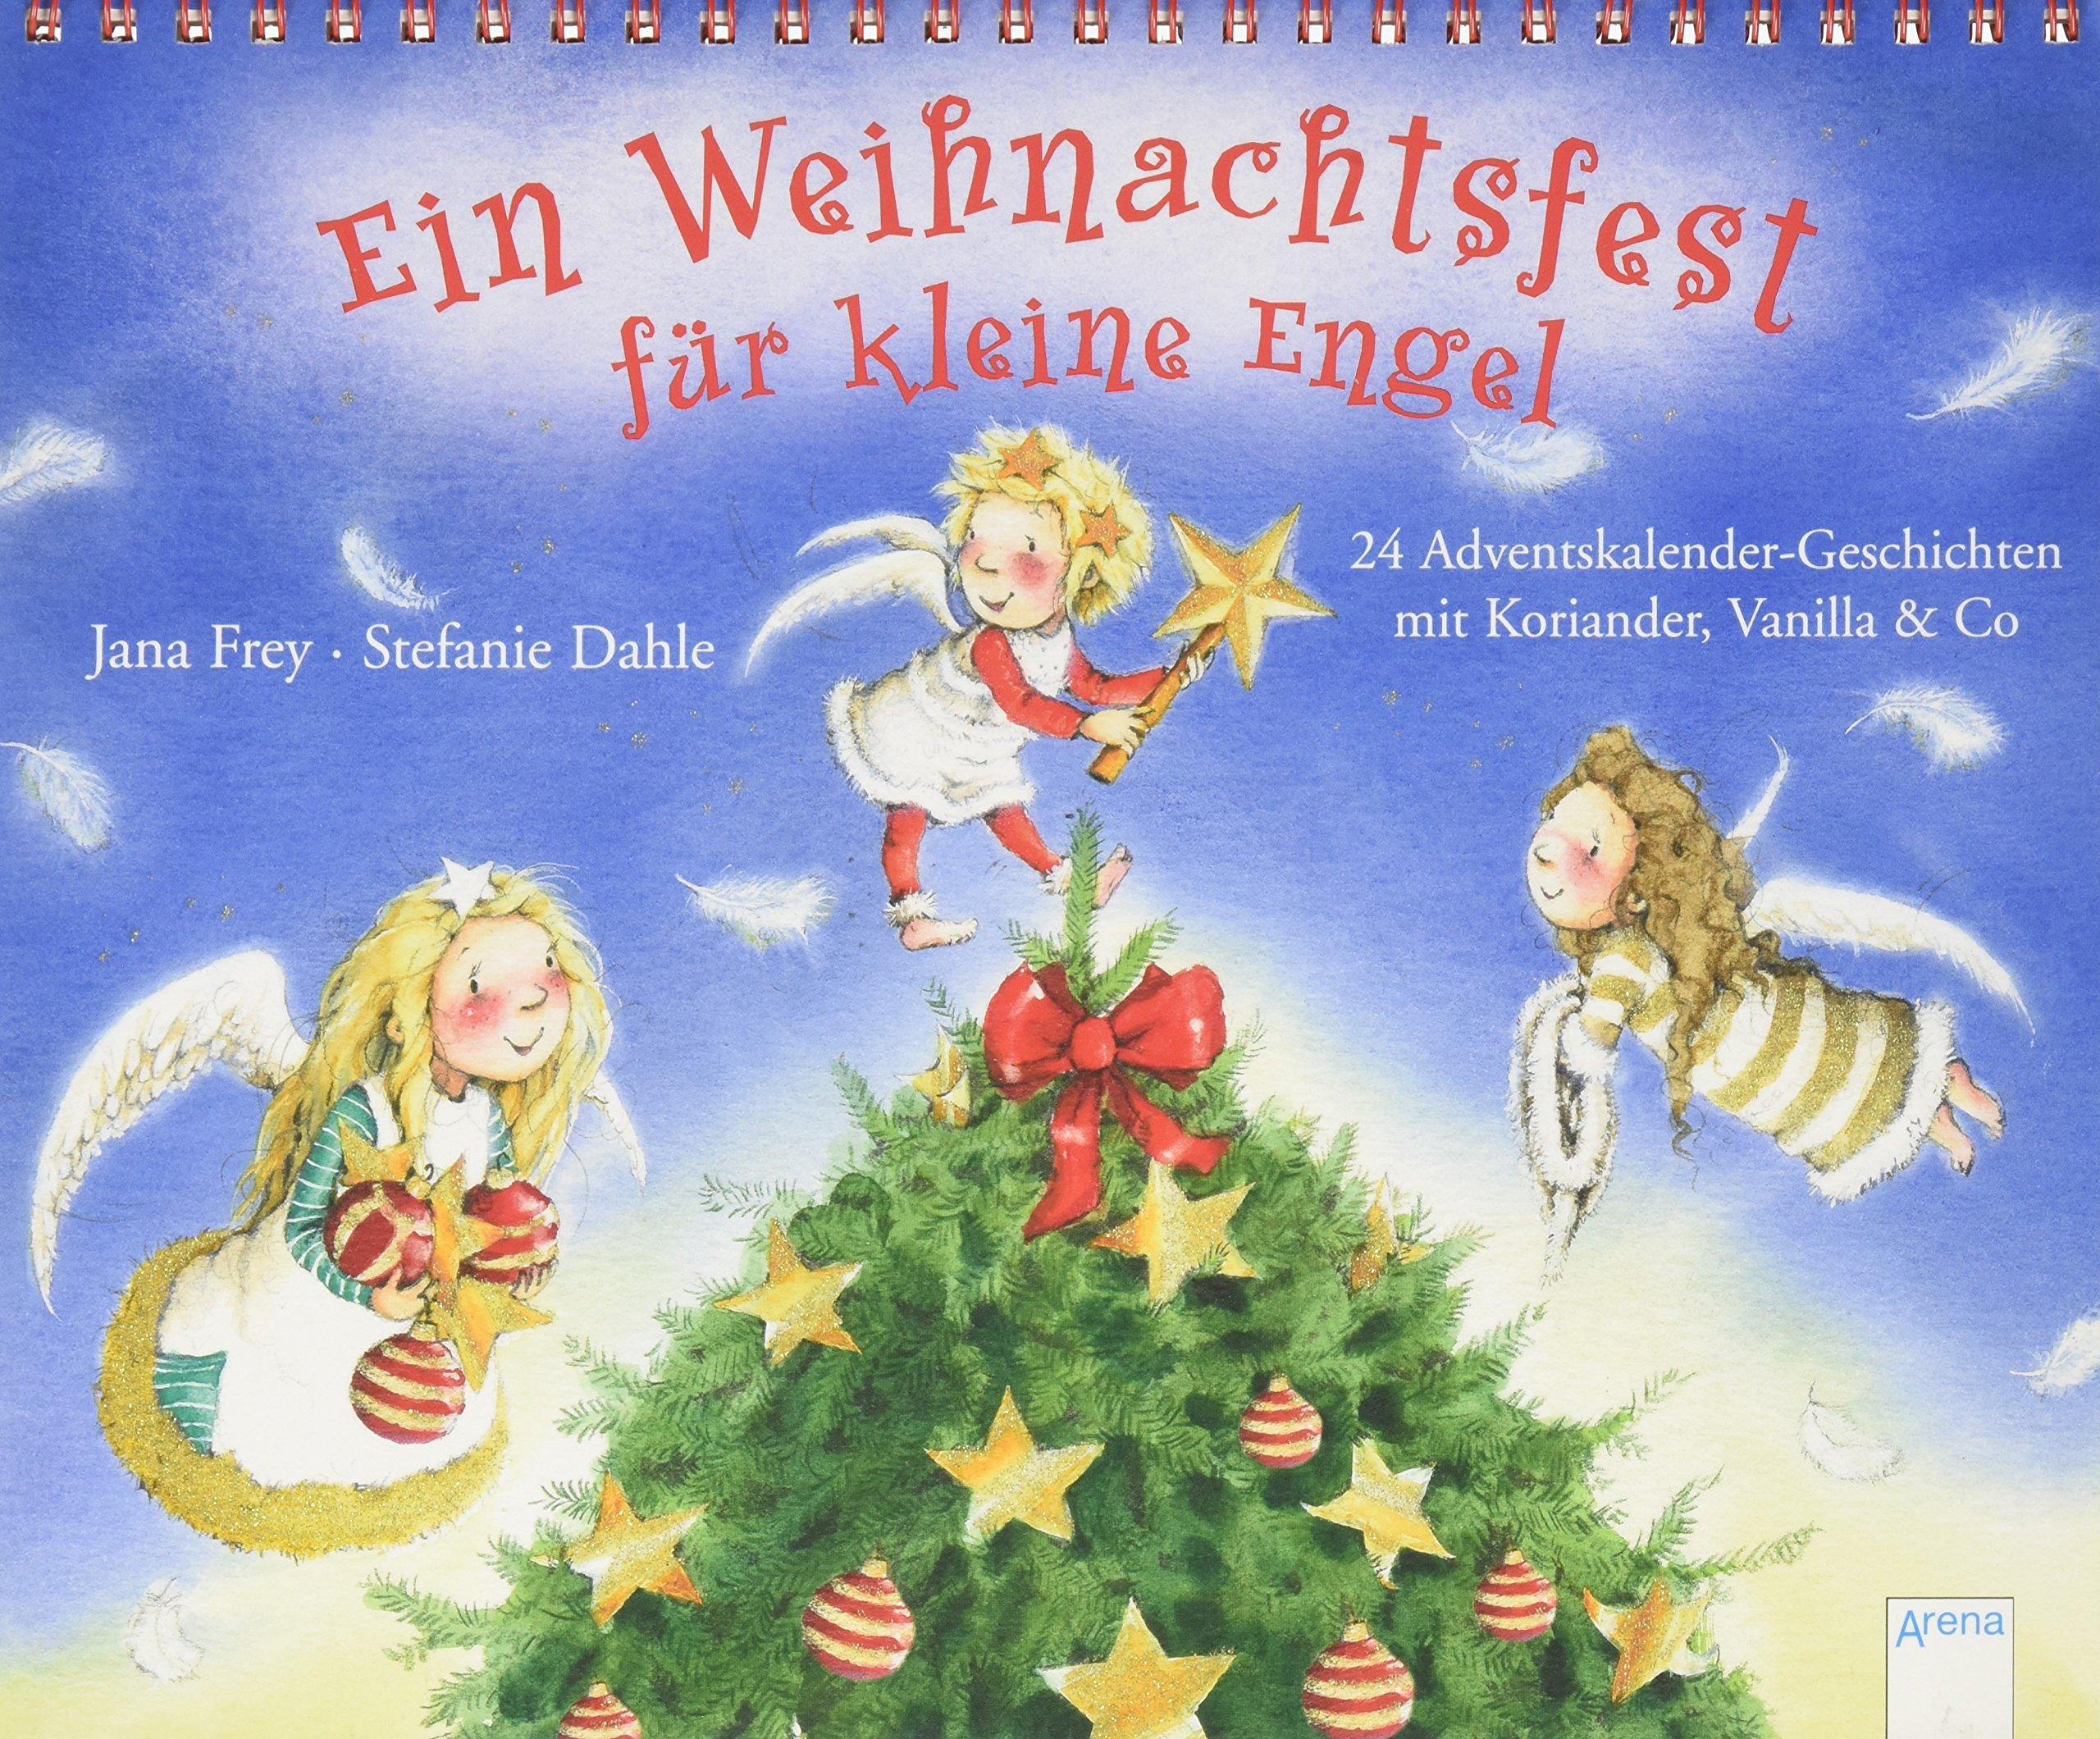 Ein Weihnachtsfest für kleine Engel: 24 Adventskalendergeschichten mit Koriander, Vanilla & Co.